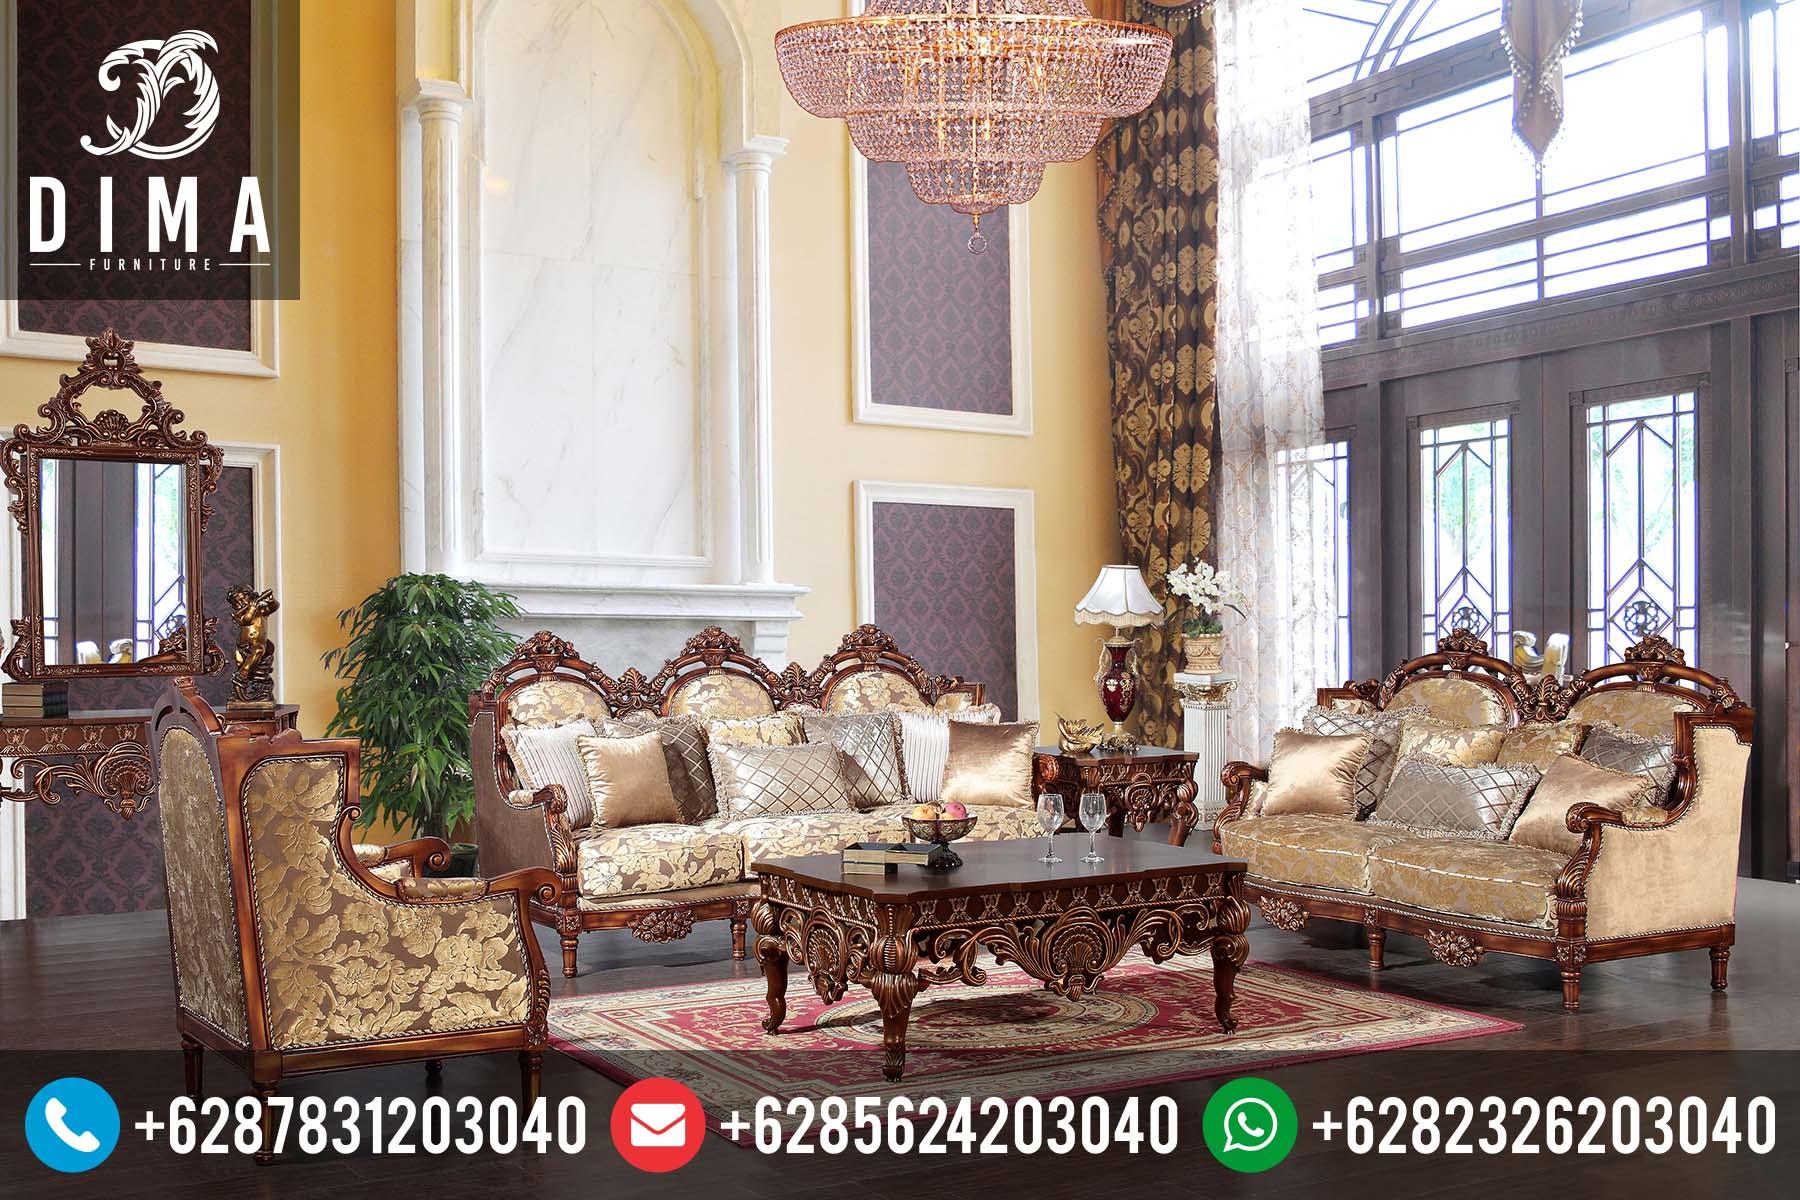 Kursi Sofa Tamu Mewah Jati Klasik Jepara Terbaru Murah ST-0071